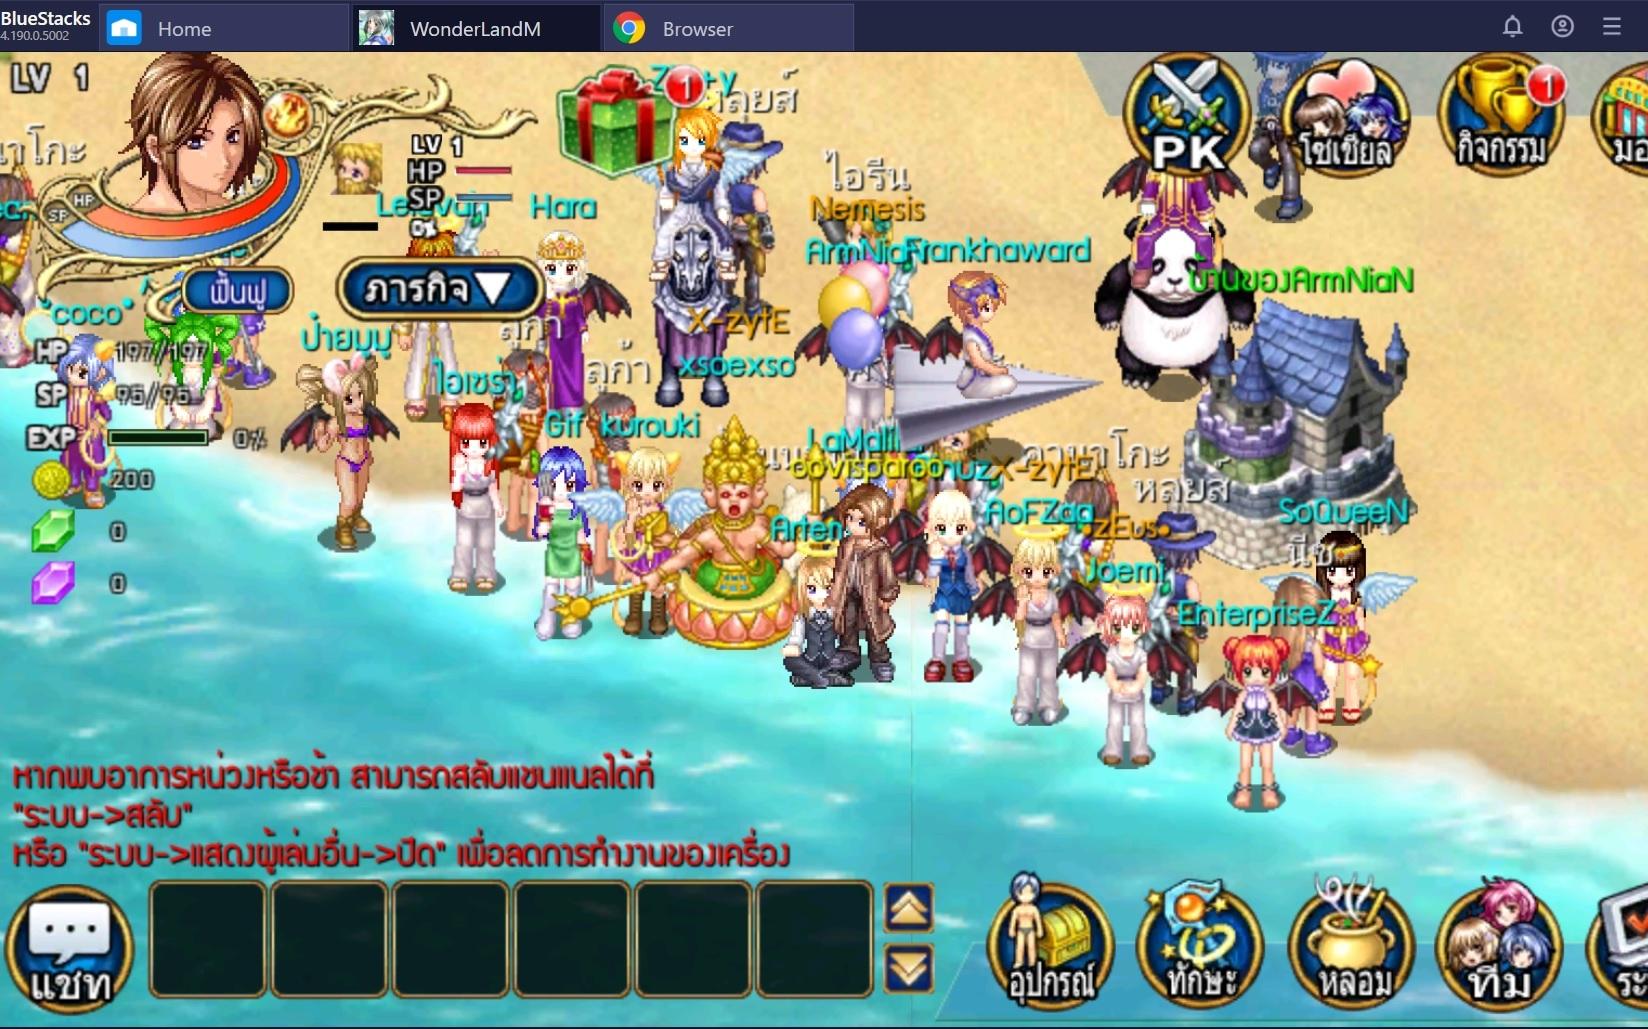 เพราะอะไรถึงต้องเล่น Wonderland Online Mobile ผ่าน BlueStacks!!